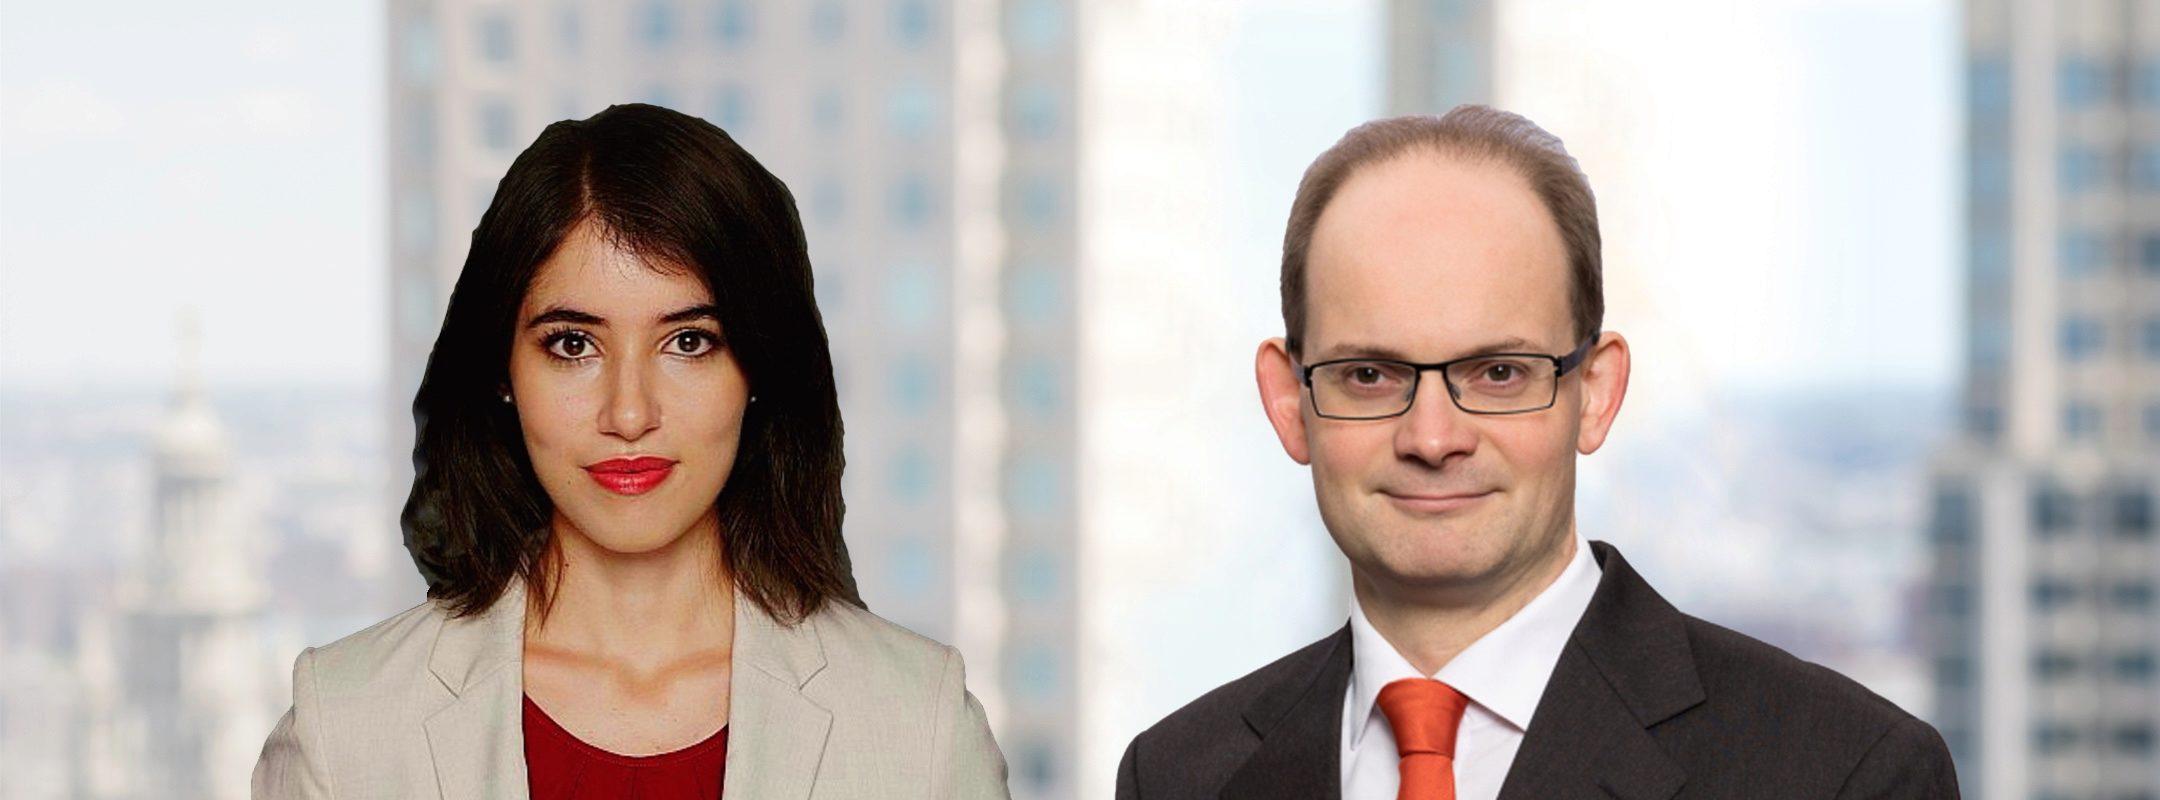 Referendariat Anwaltsstation Großkanzlei Erfahrungsbericht WilmerHale Hüveyda Asenger Dr. Oliver Fleischmann